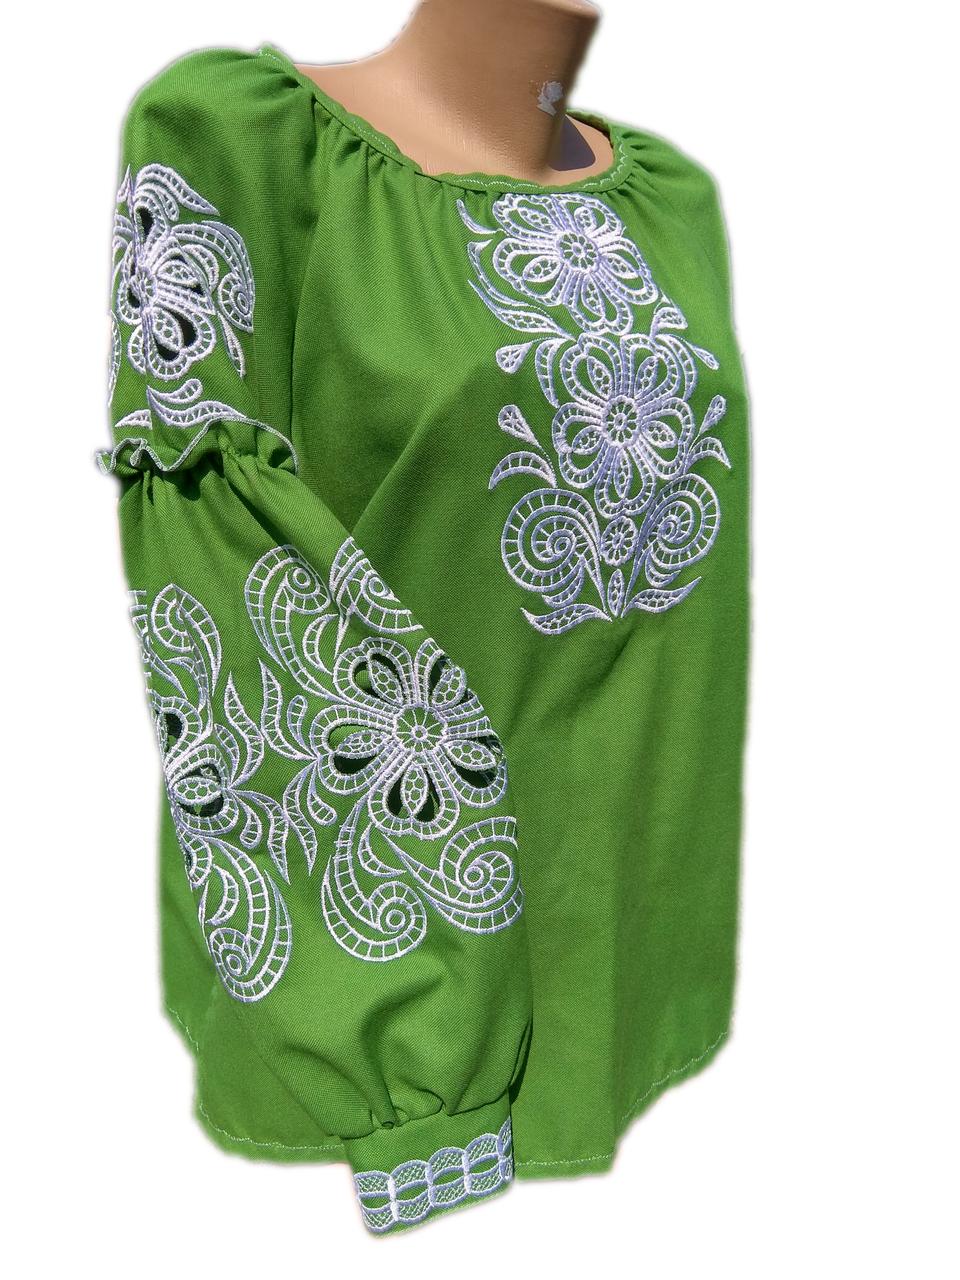 96e9087efa2 Вышитые рубашки женские купить недорого